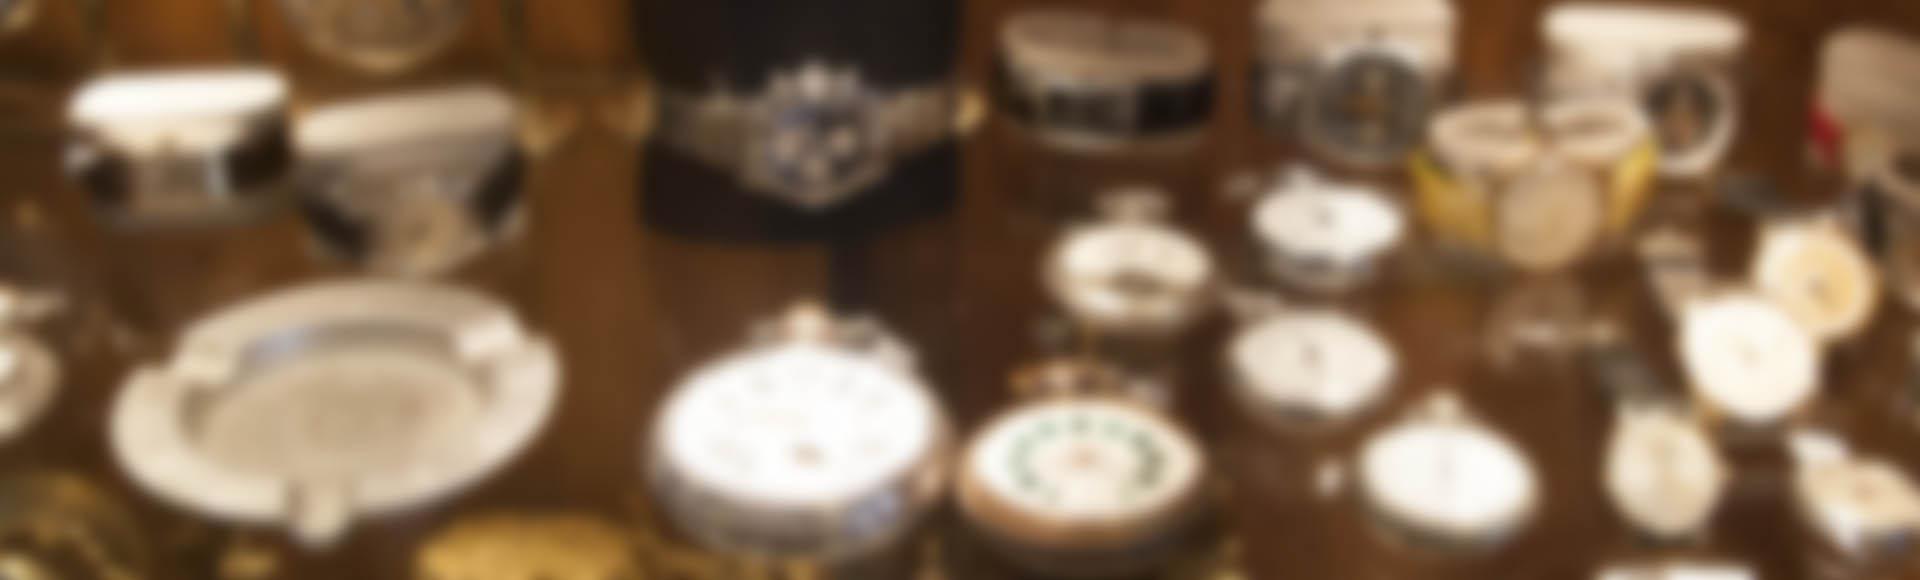 Des montres